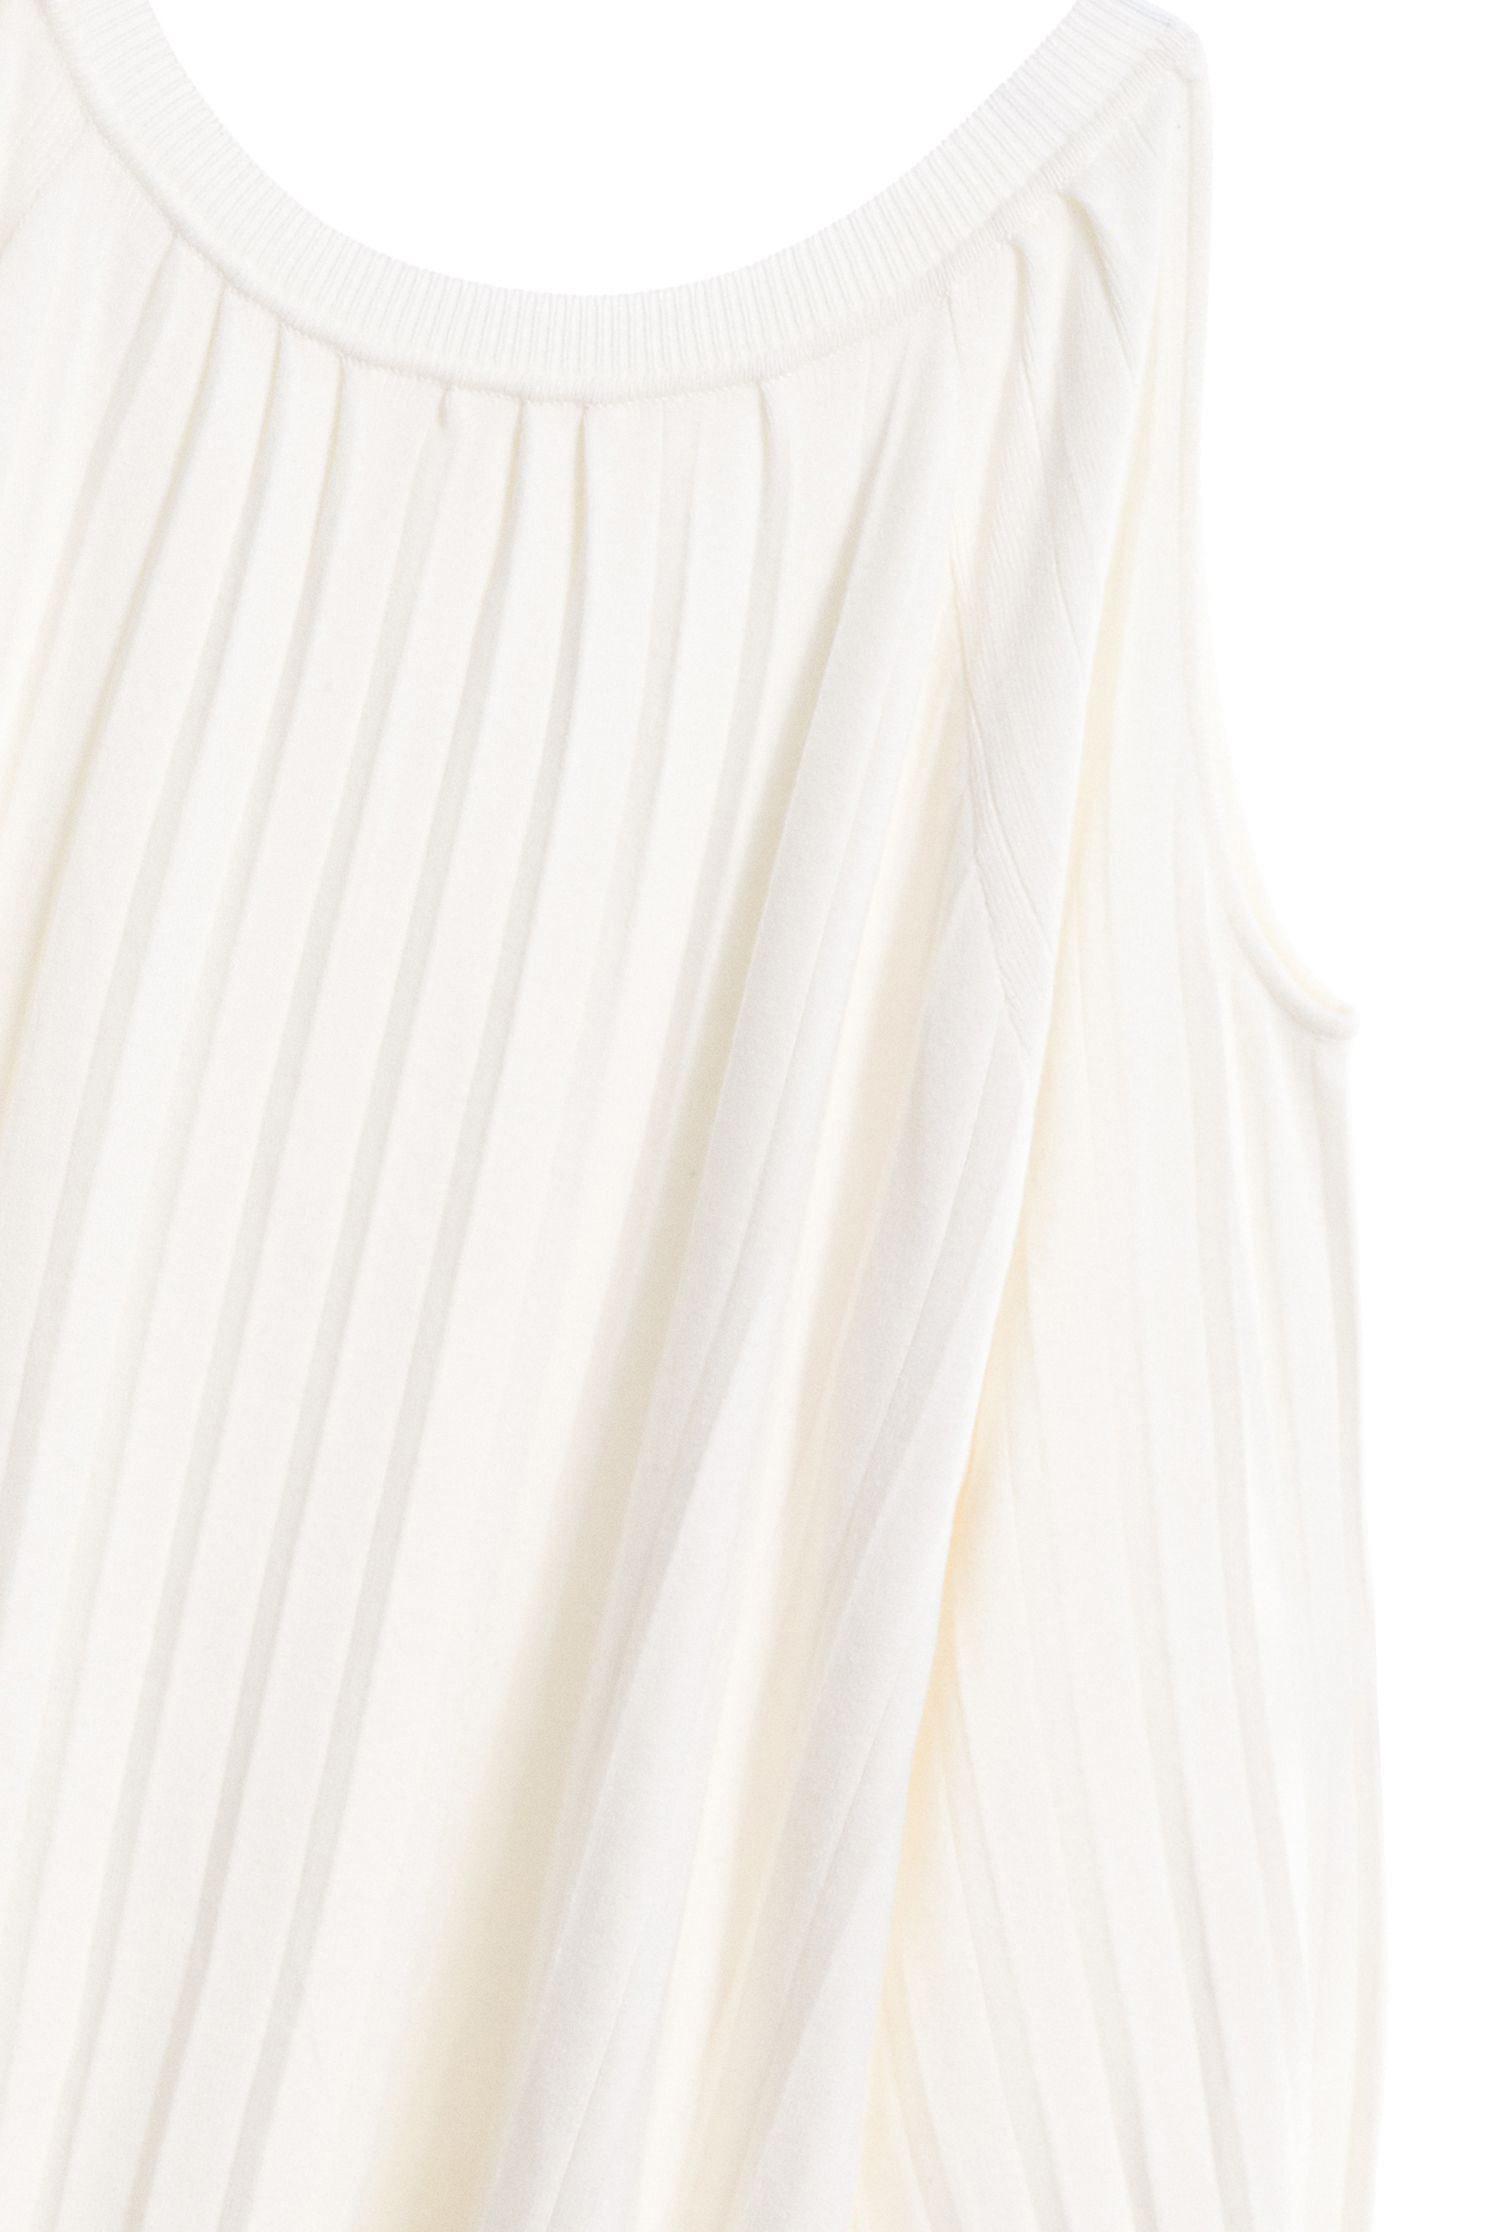 壓摺挖肩女人針織上衣,上衣,挖肩上衣,白色上衣,秋冬穿搭,針織,針織上衣,針織衫,長袖上衣,閨蜜春遊